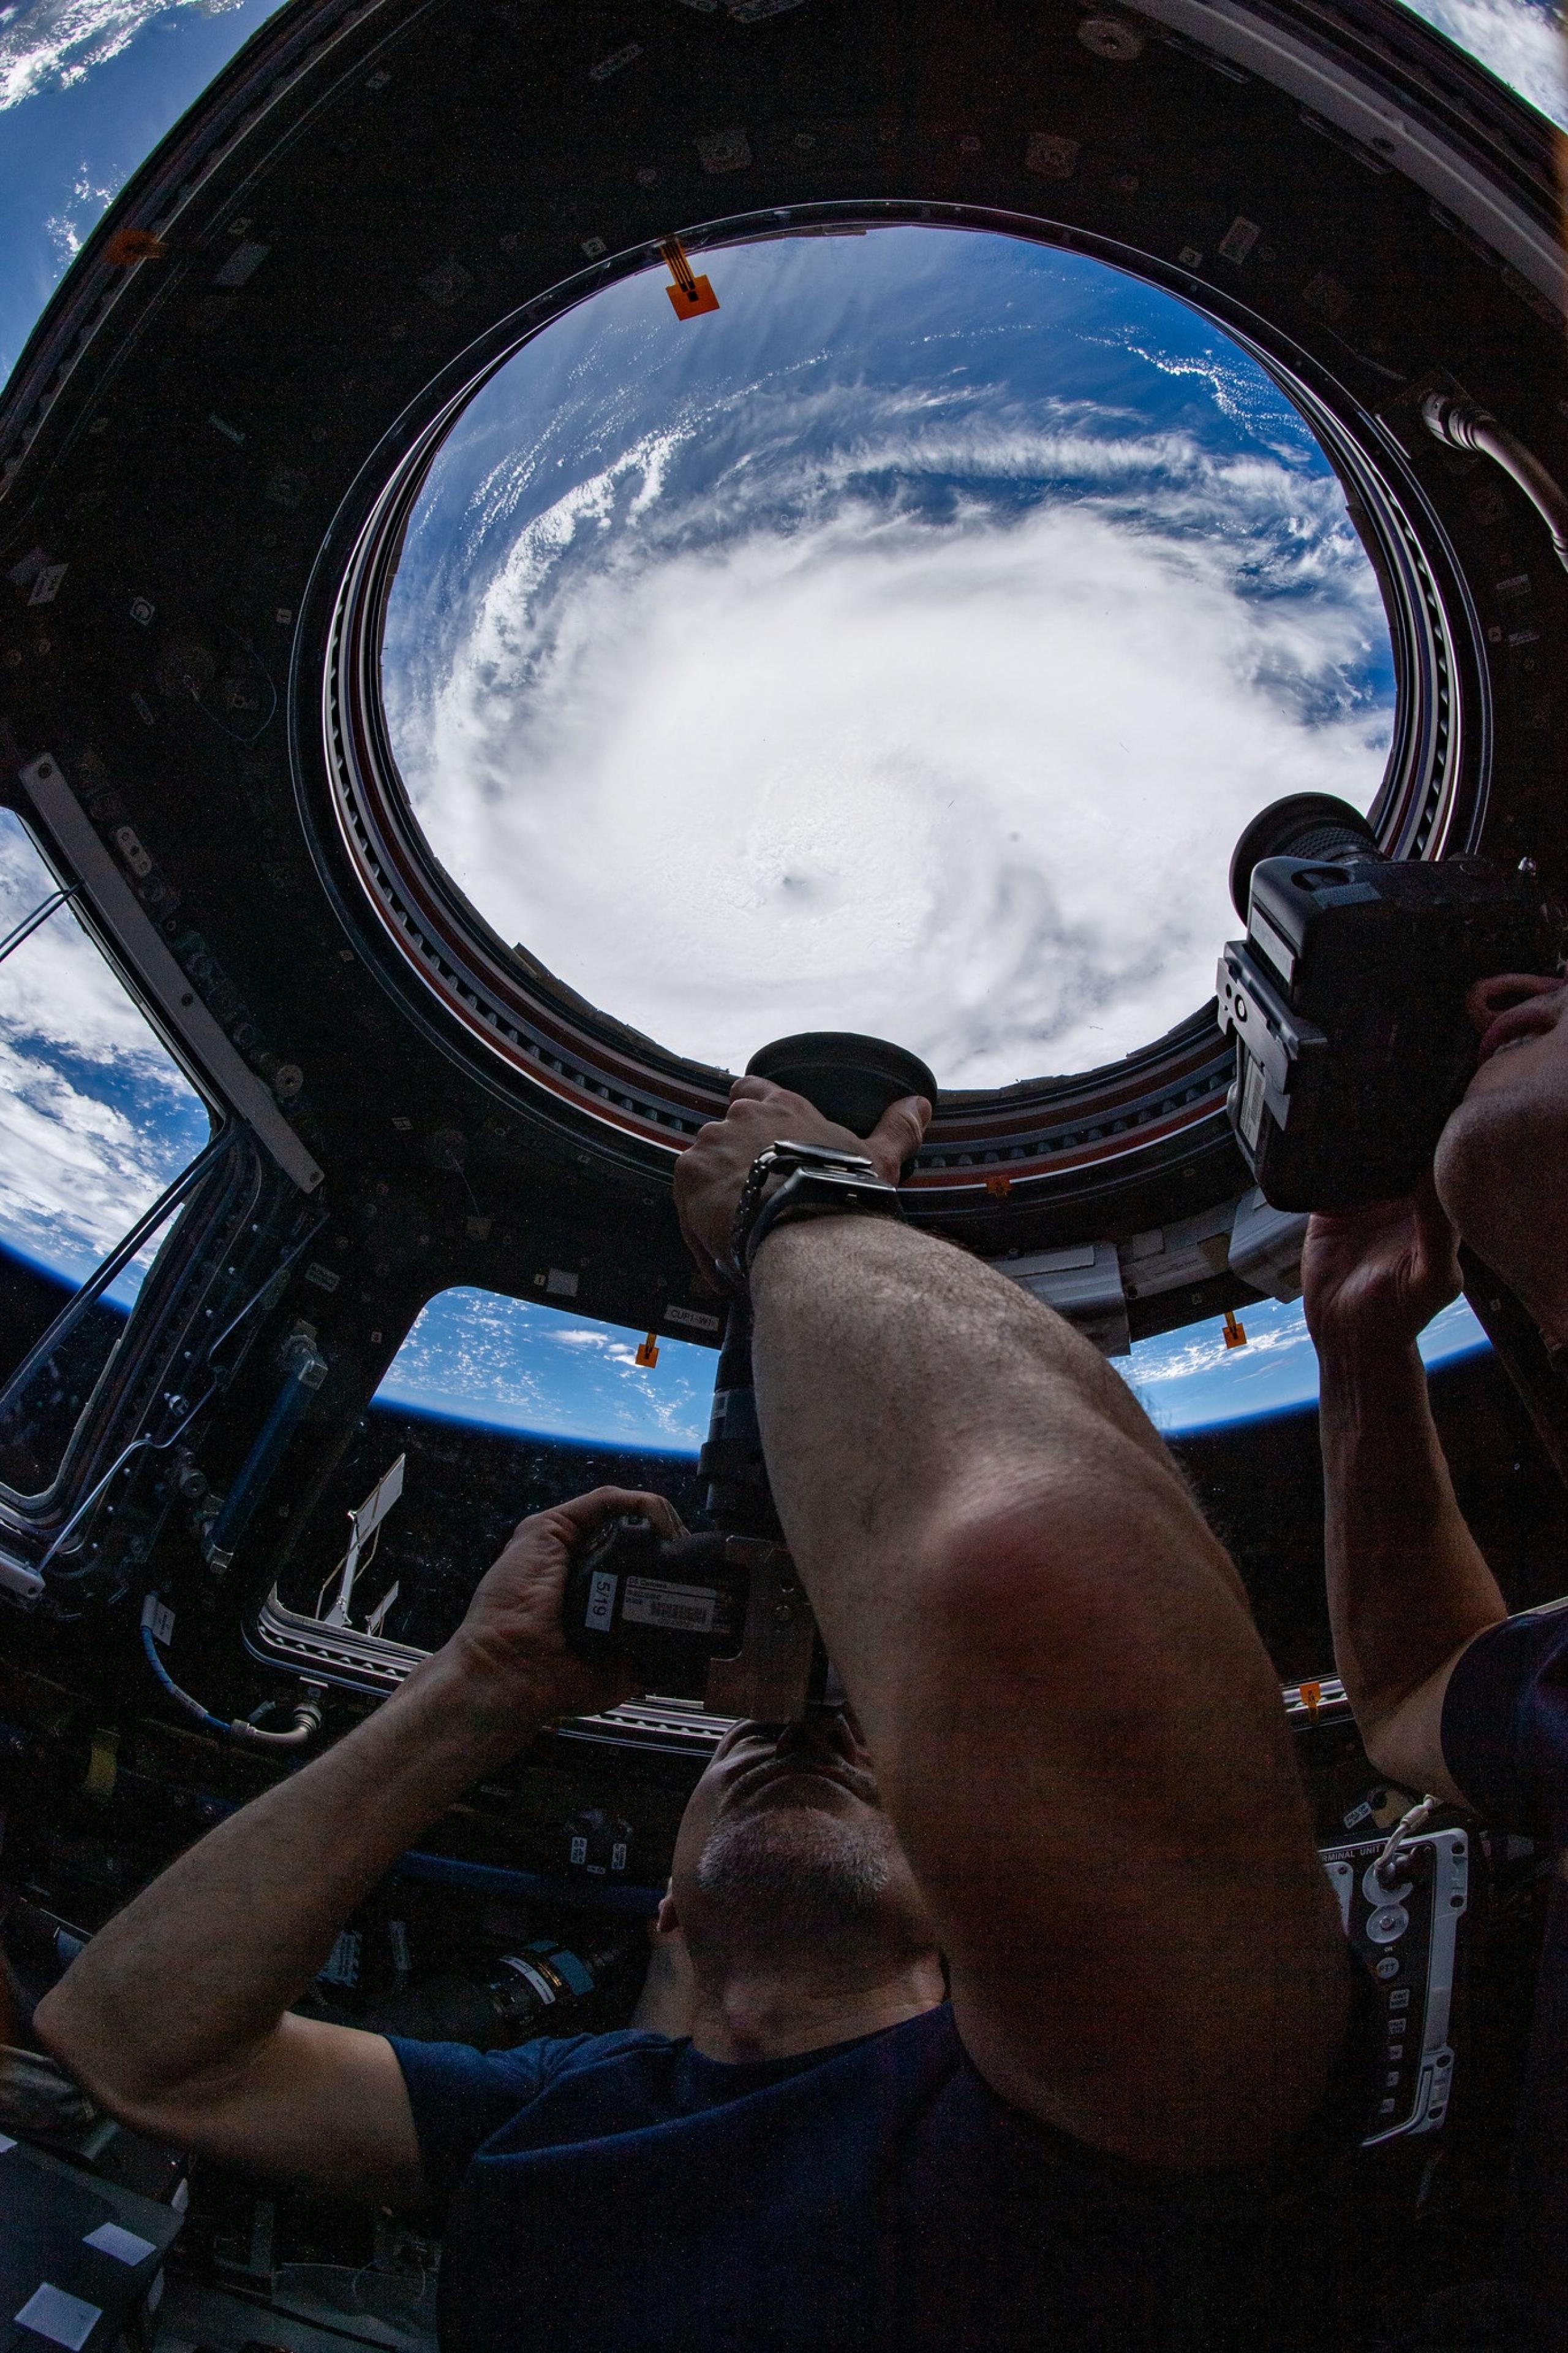 imagen del astronauta tomando fotos